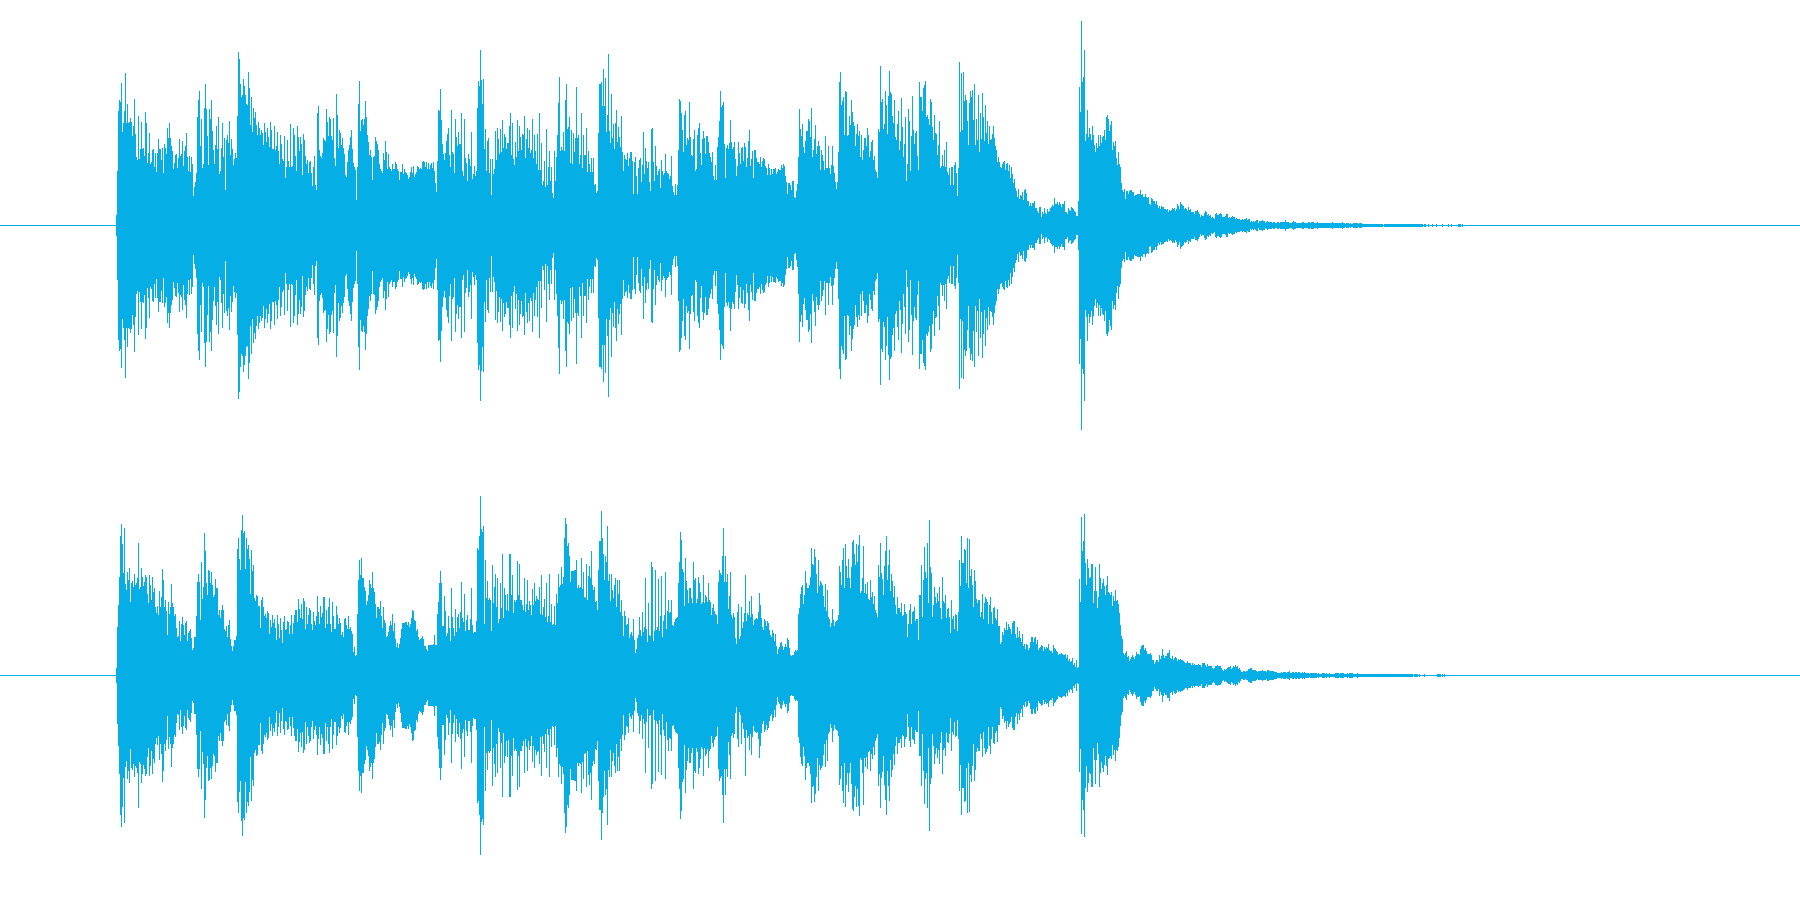 楽しげで明るい弦楽器シンセサウンドの再生済みの波形